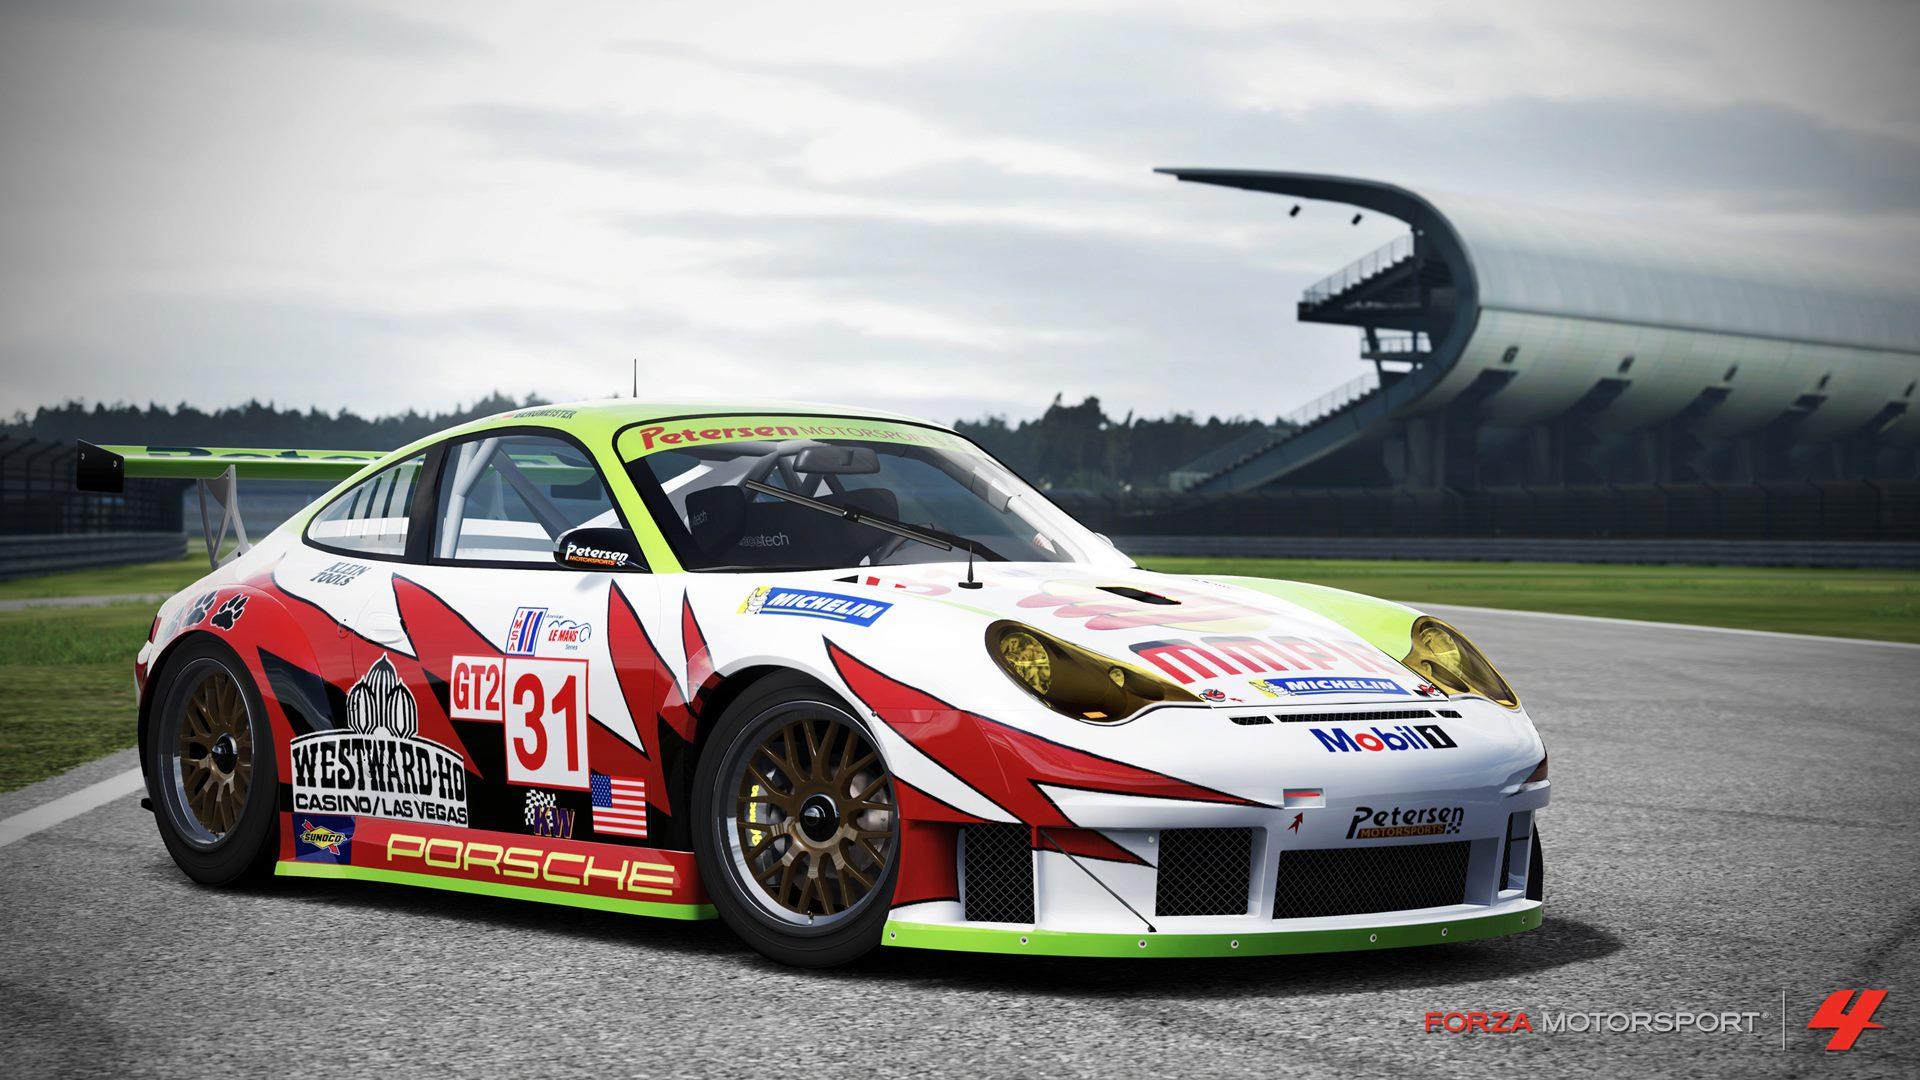 Porsche 911 Gt3 Rsr 996 Forza Motorsport Wiki Fandom Powered